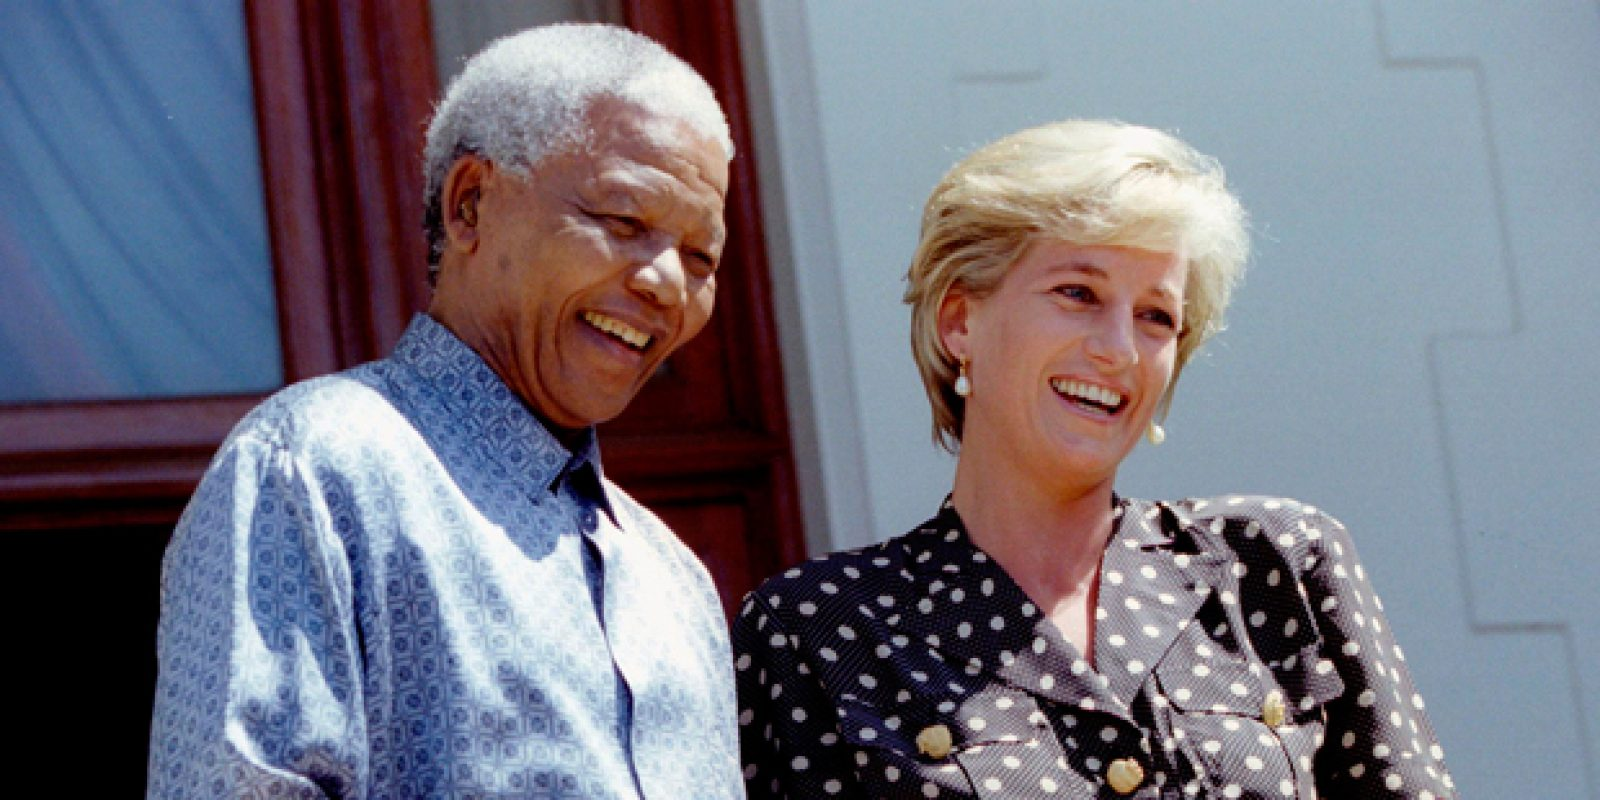 A princesa Diana (1961-1997) após encontro com o então presidente sul-africano Nelson Mandela na Cidade do Cabo, em 1997 | Reuters